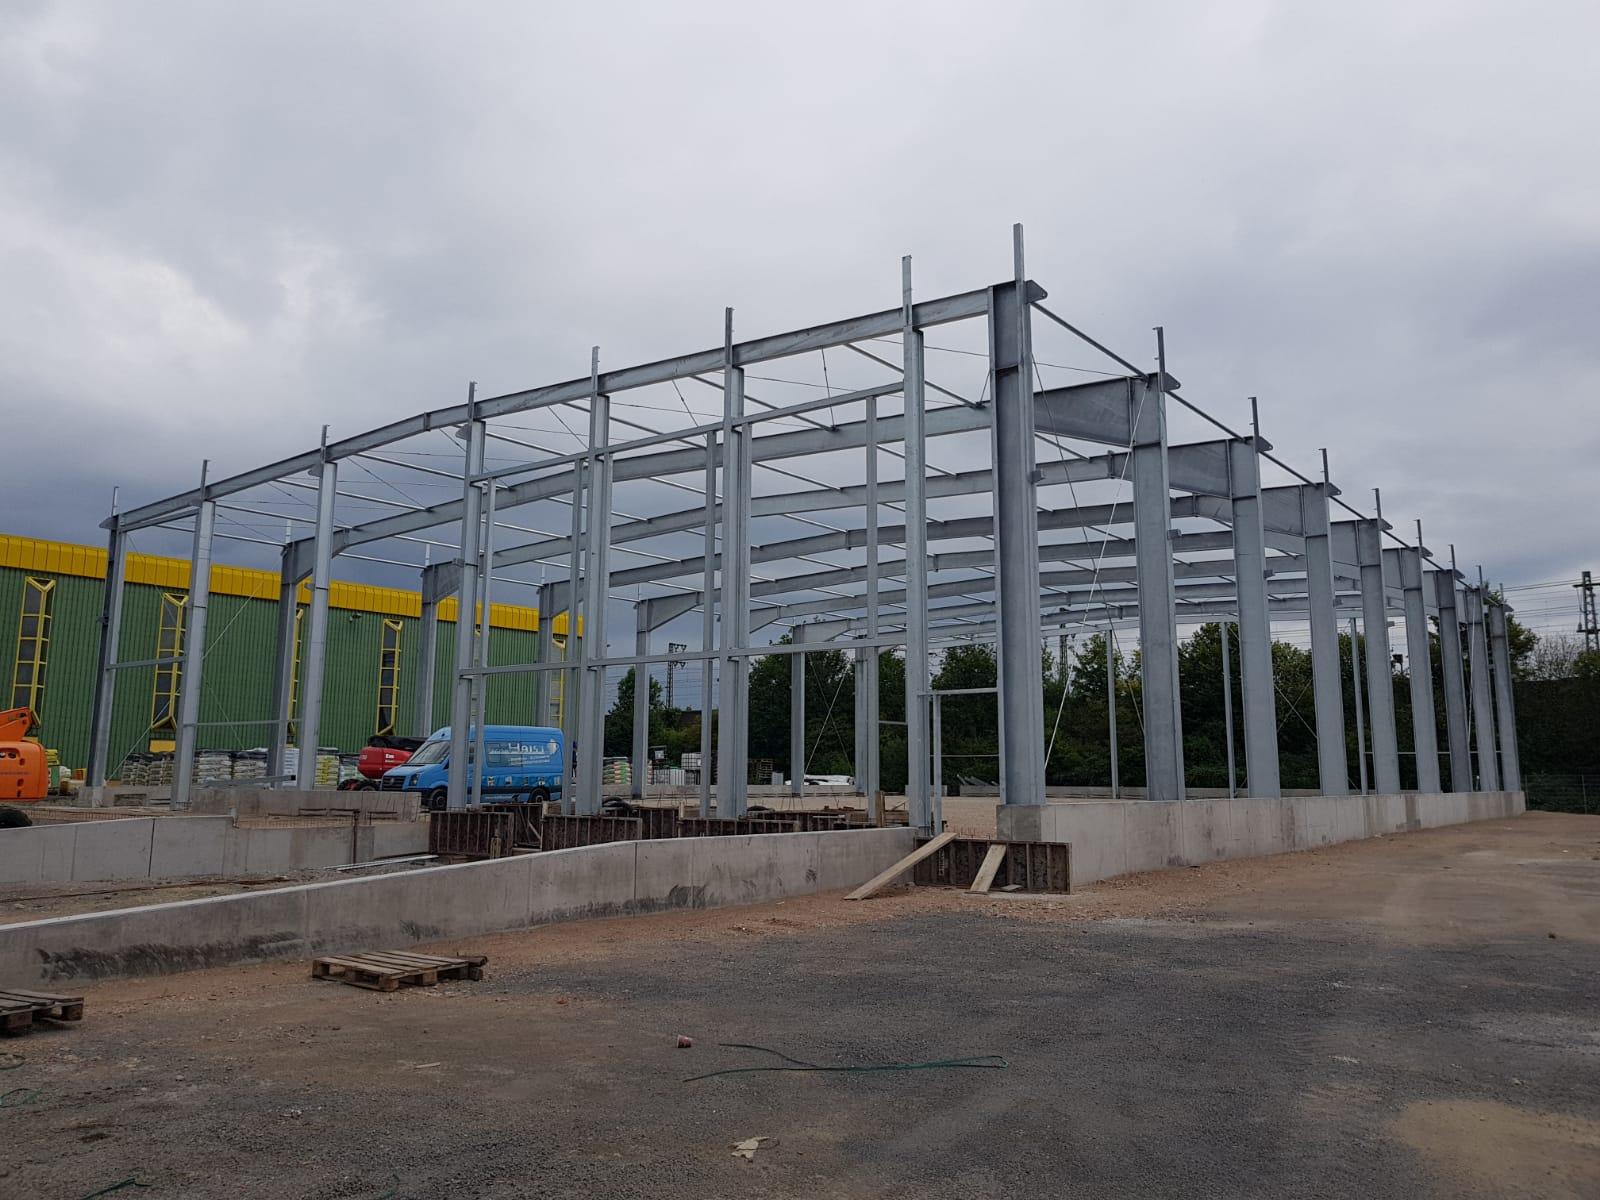 Stahlkonstruktion mit insgesamt 110 Tonnen Stahl in Appenweier aufgerichtet Egon Haist